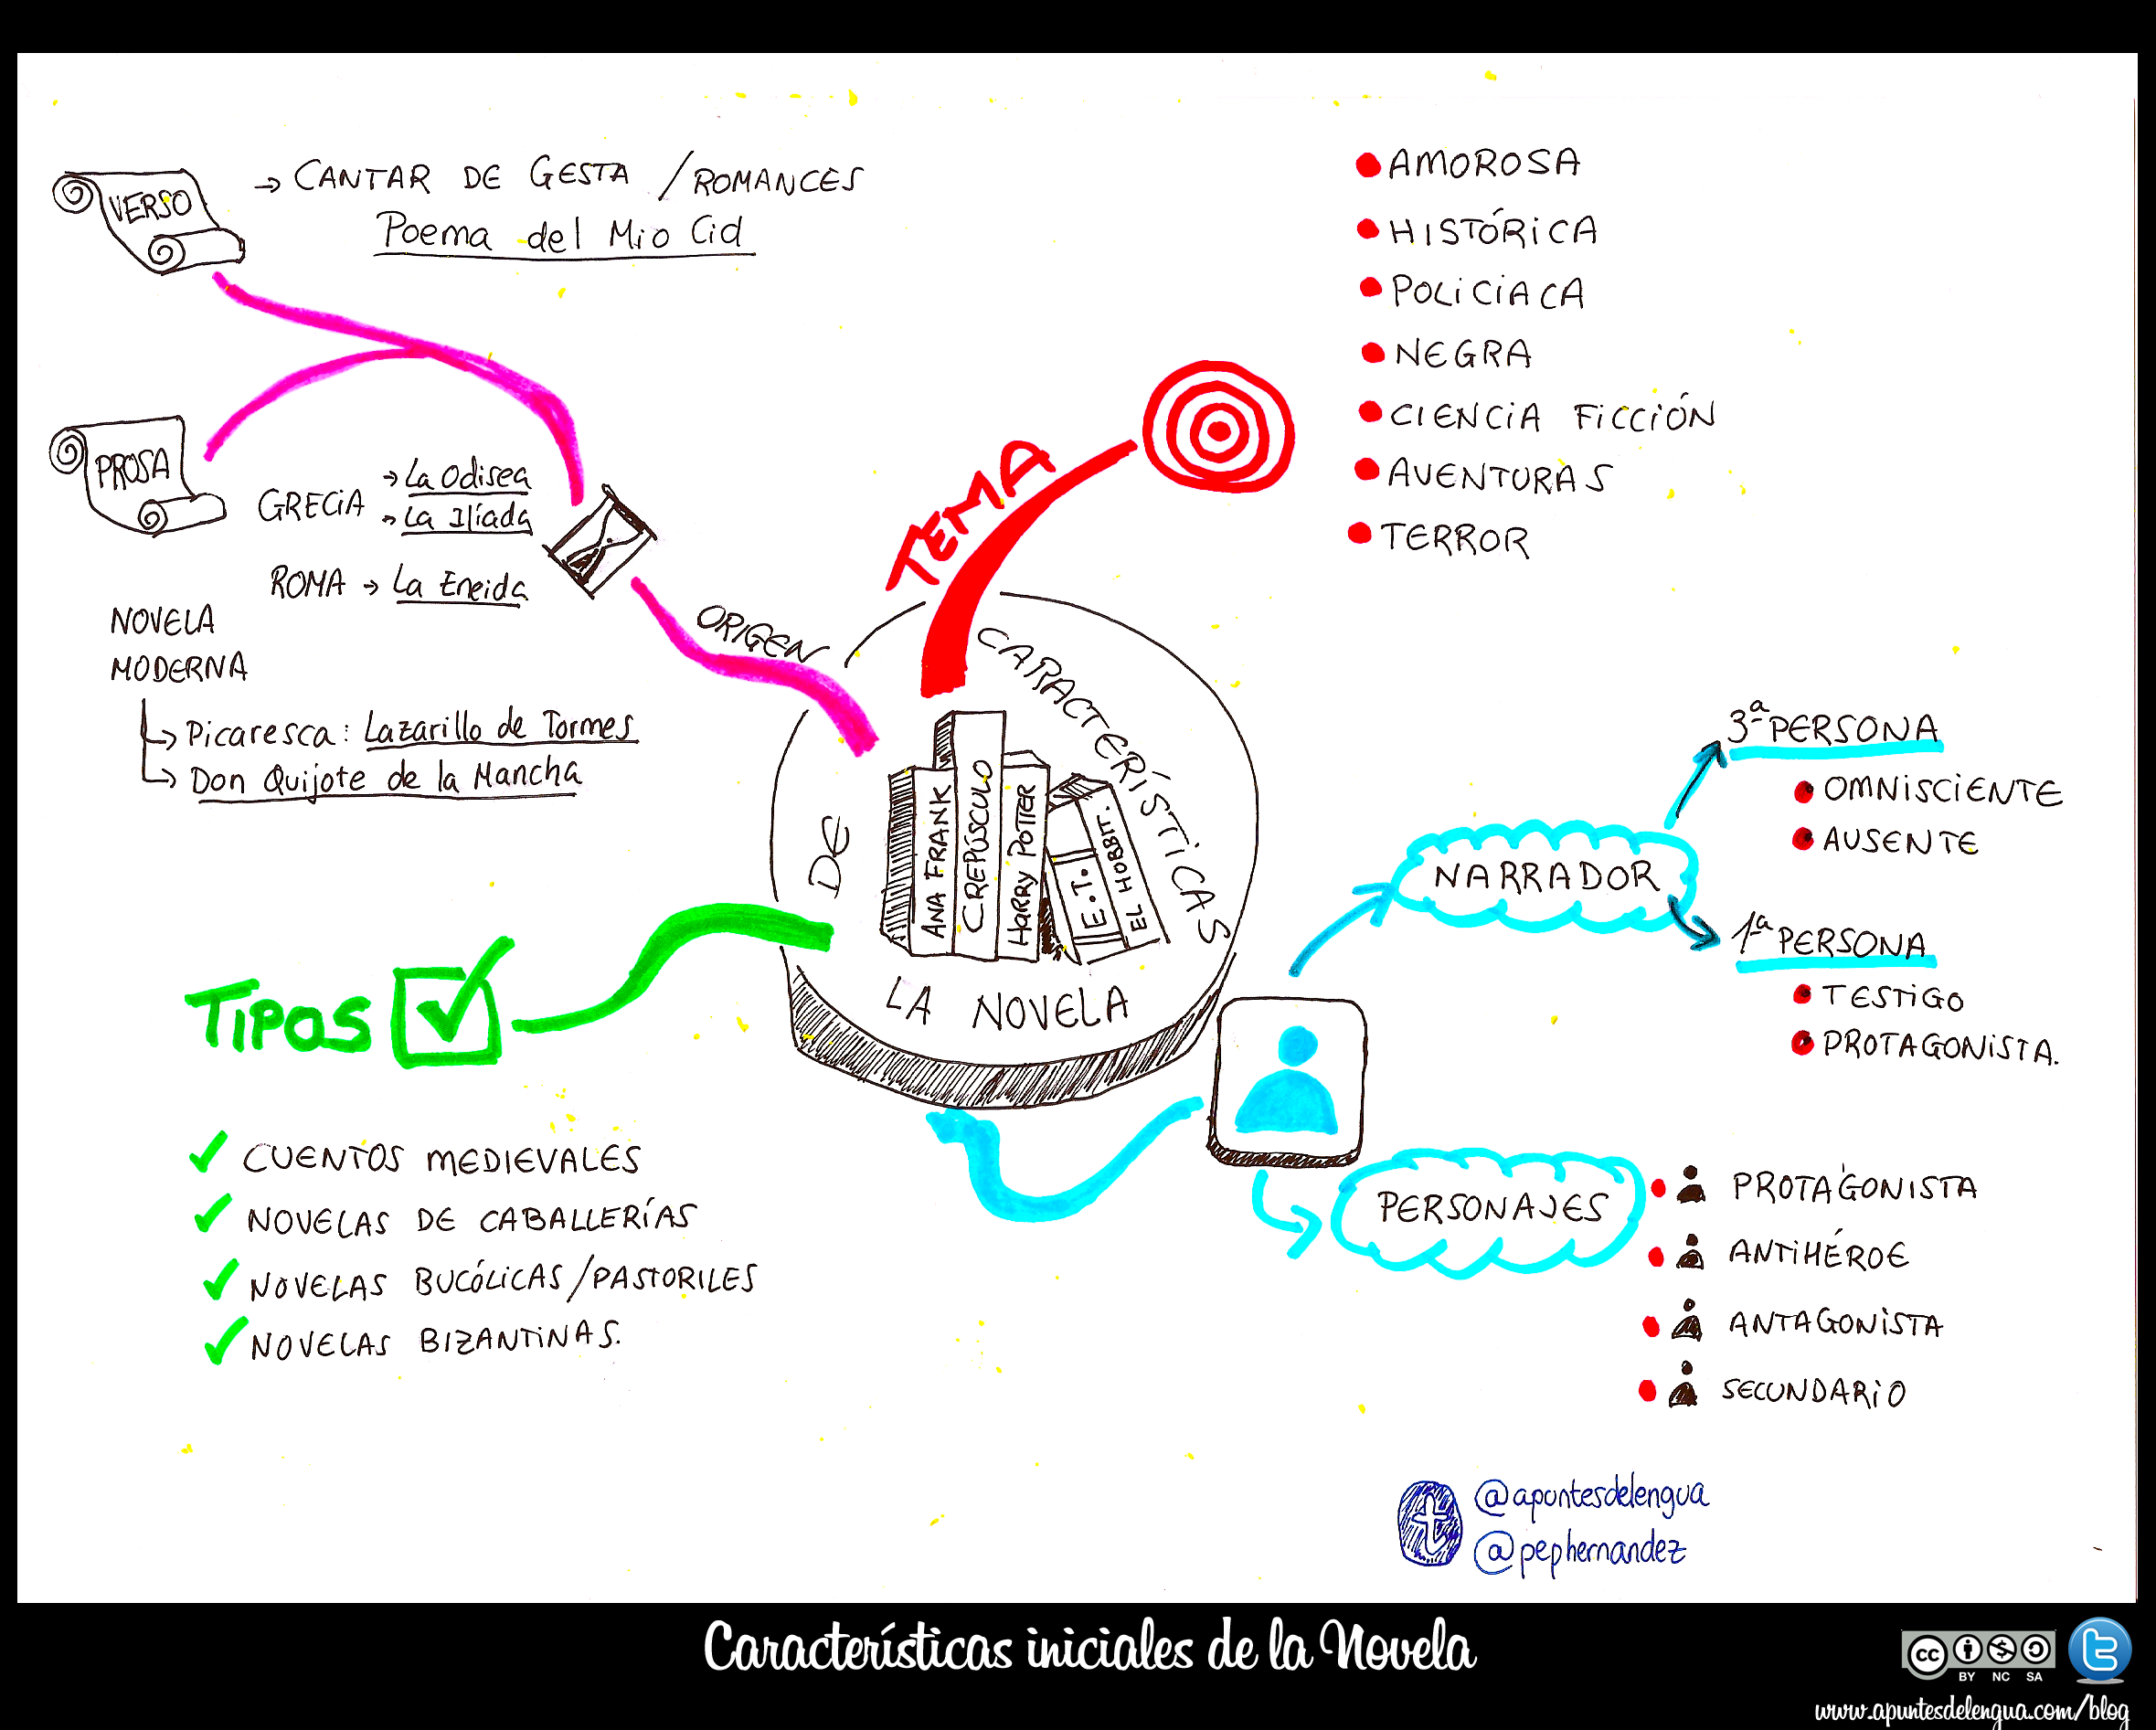 Mapa conceptual sobre los tipos de novelas